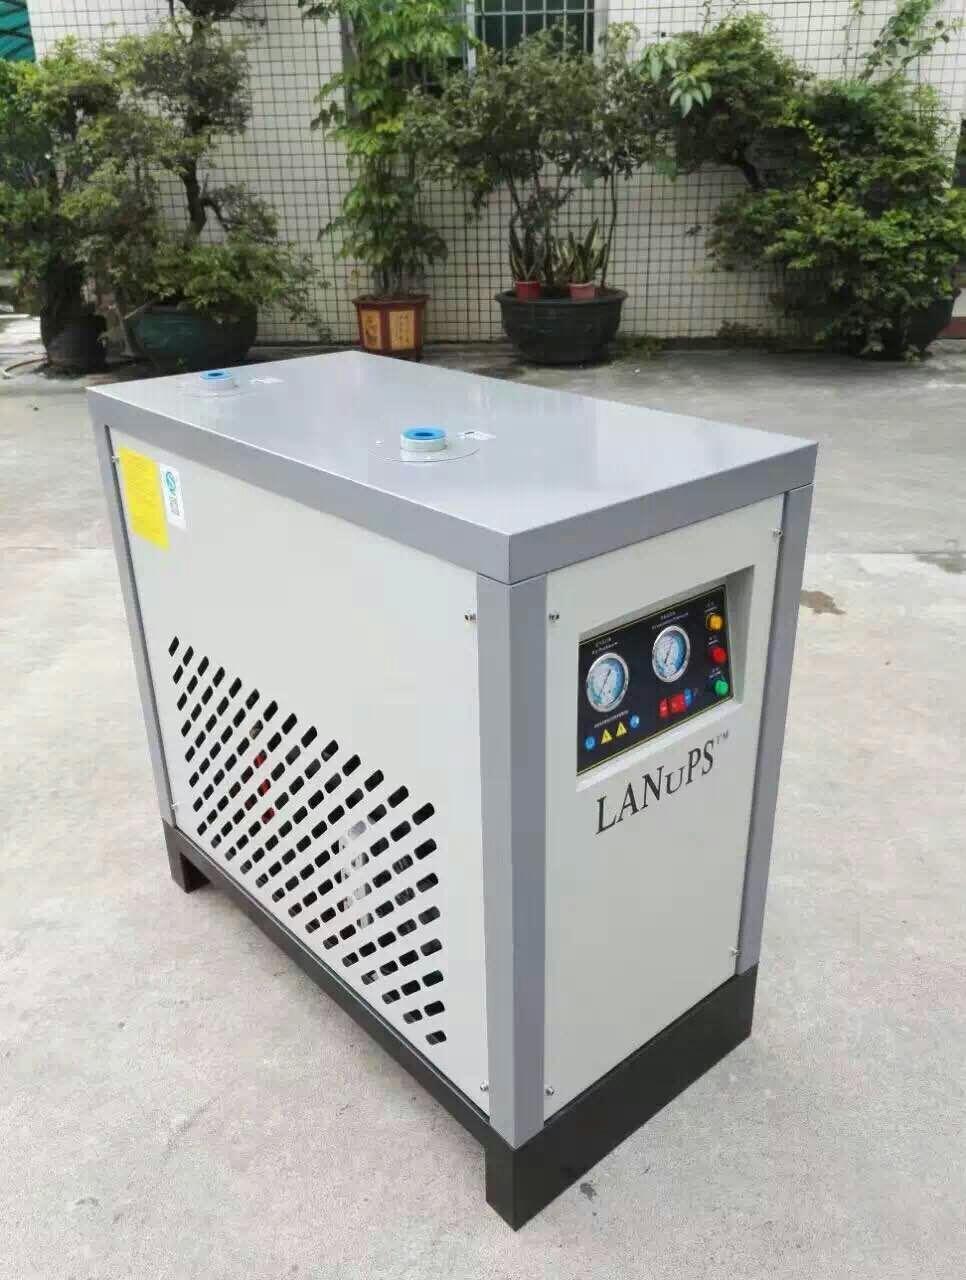 来自严文学发布的供应信息:冷干机 AH型: 配置强大 工艺精细... - 中山市凌宇机械有限公司